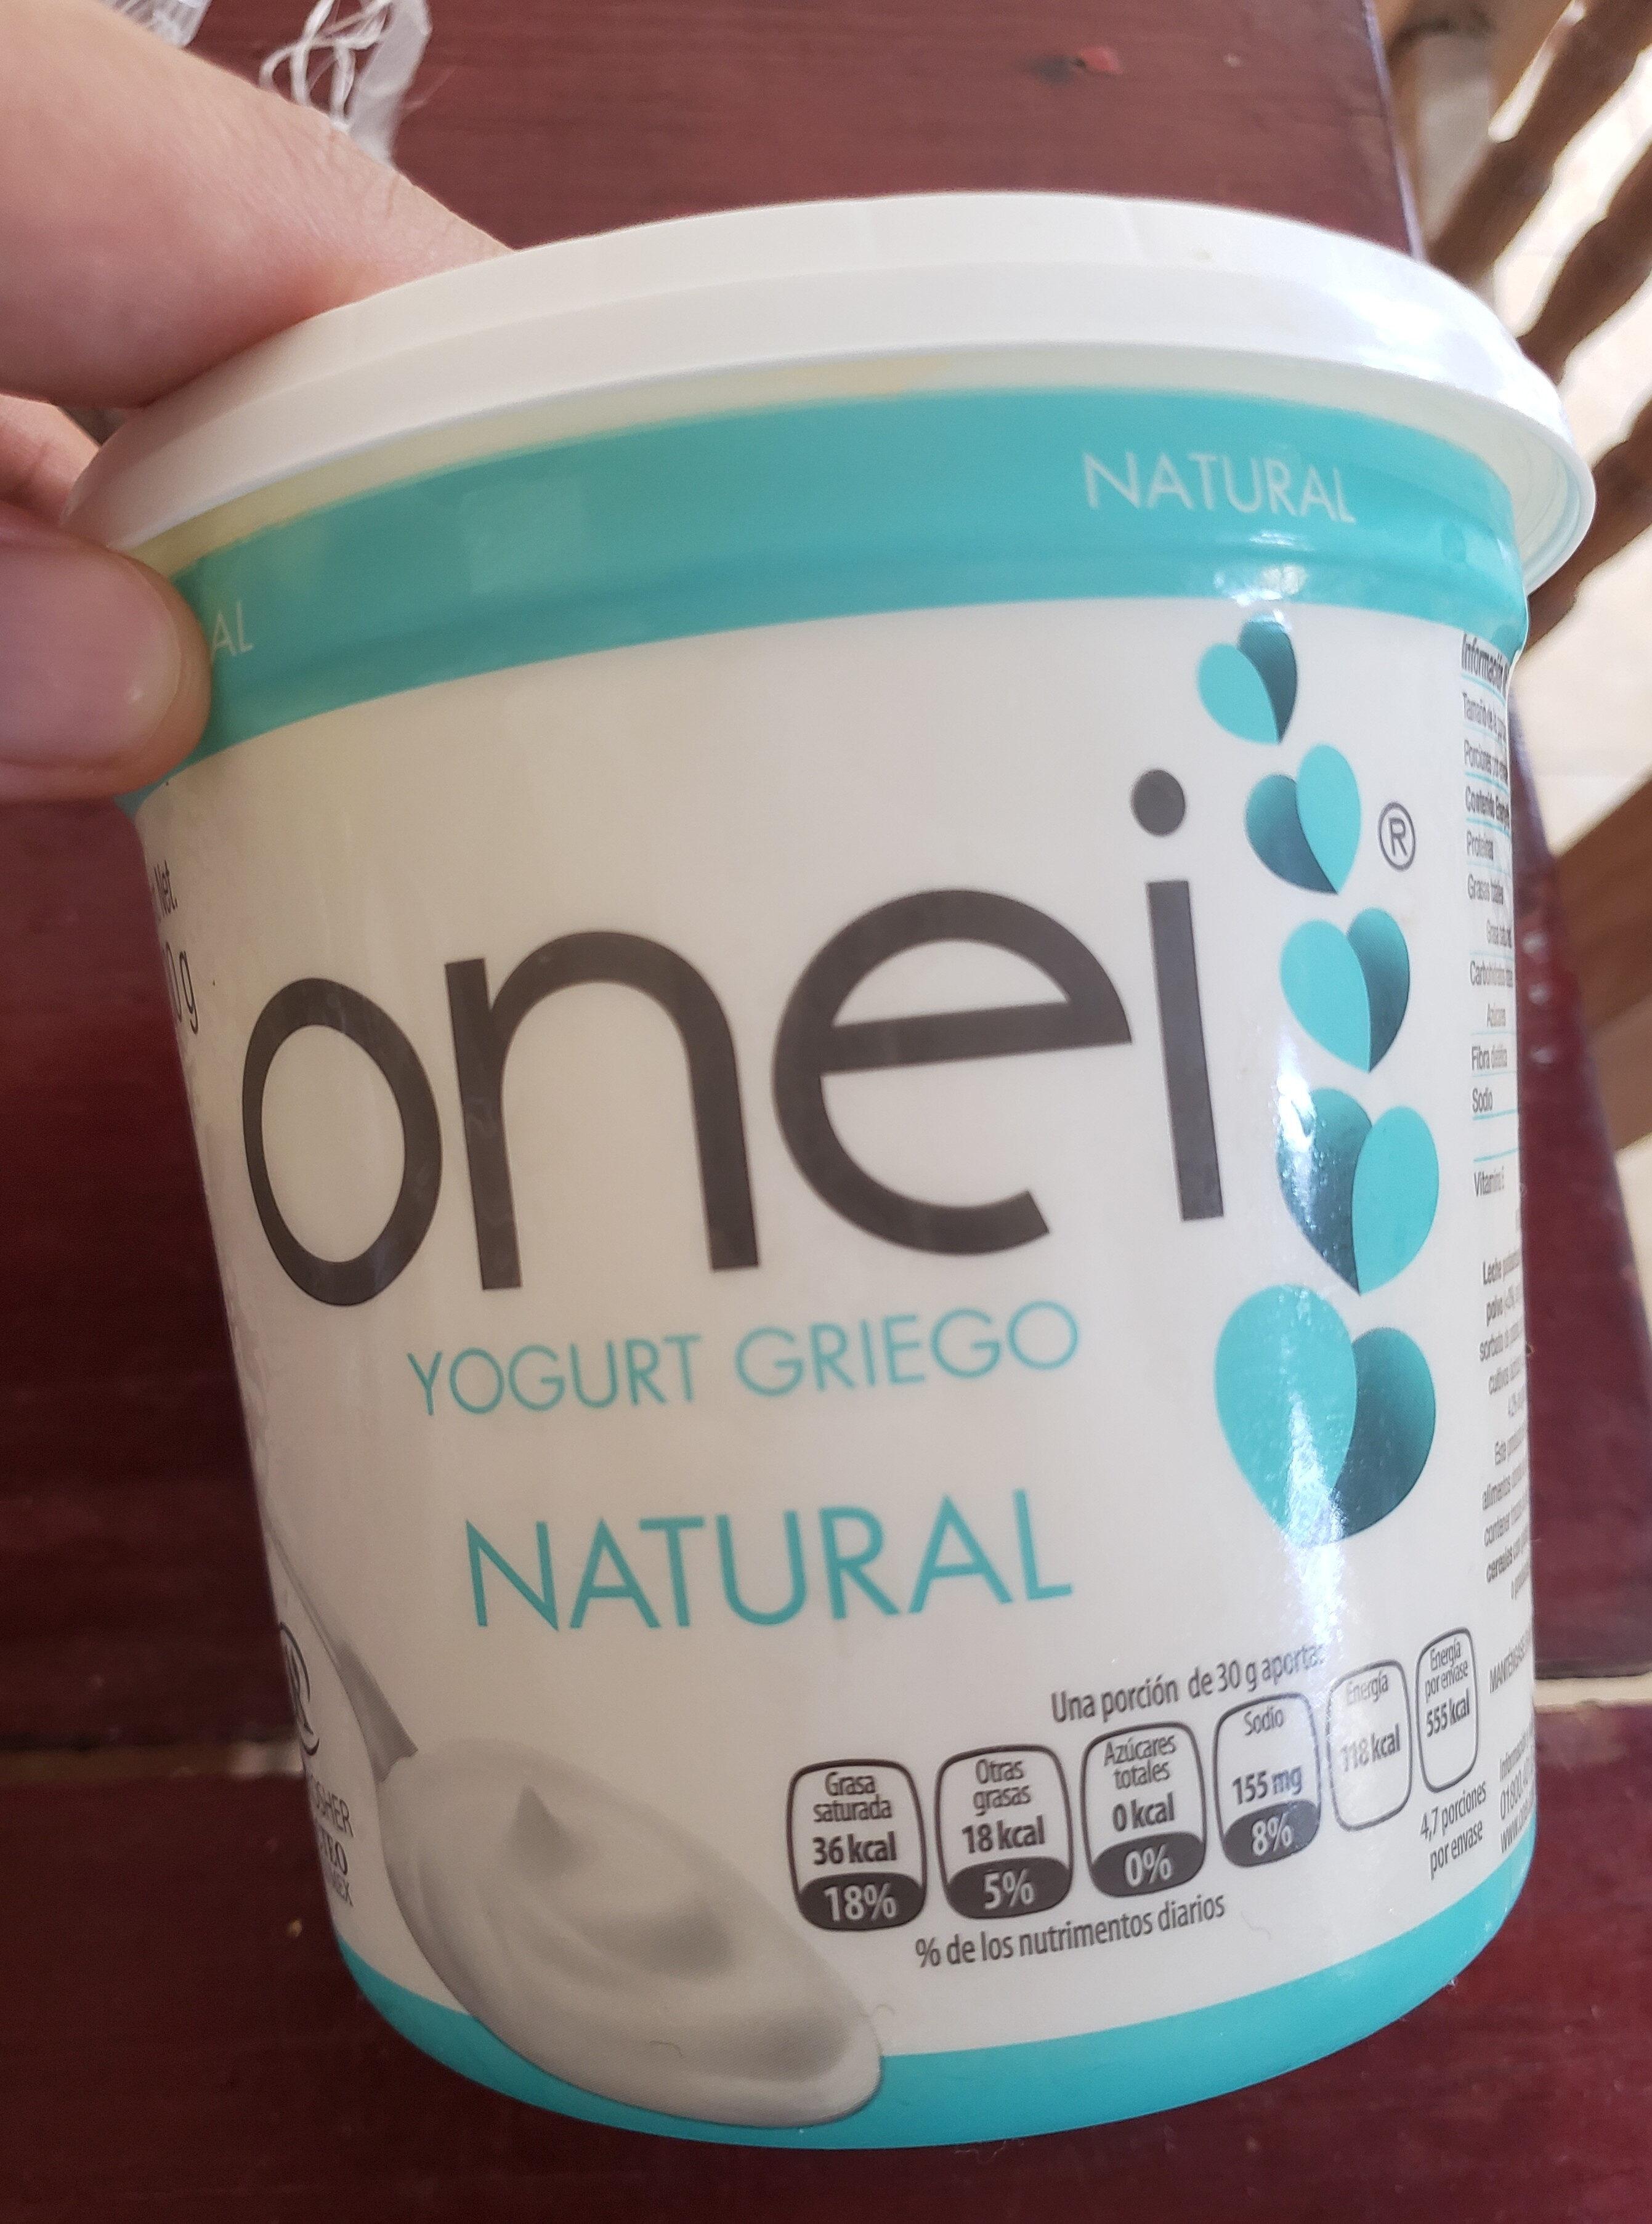 Yogur griego - Producto - en